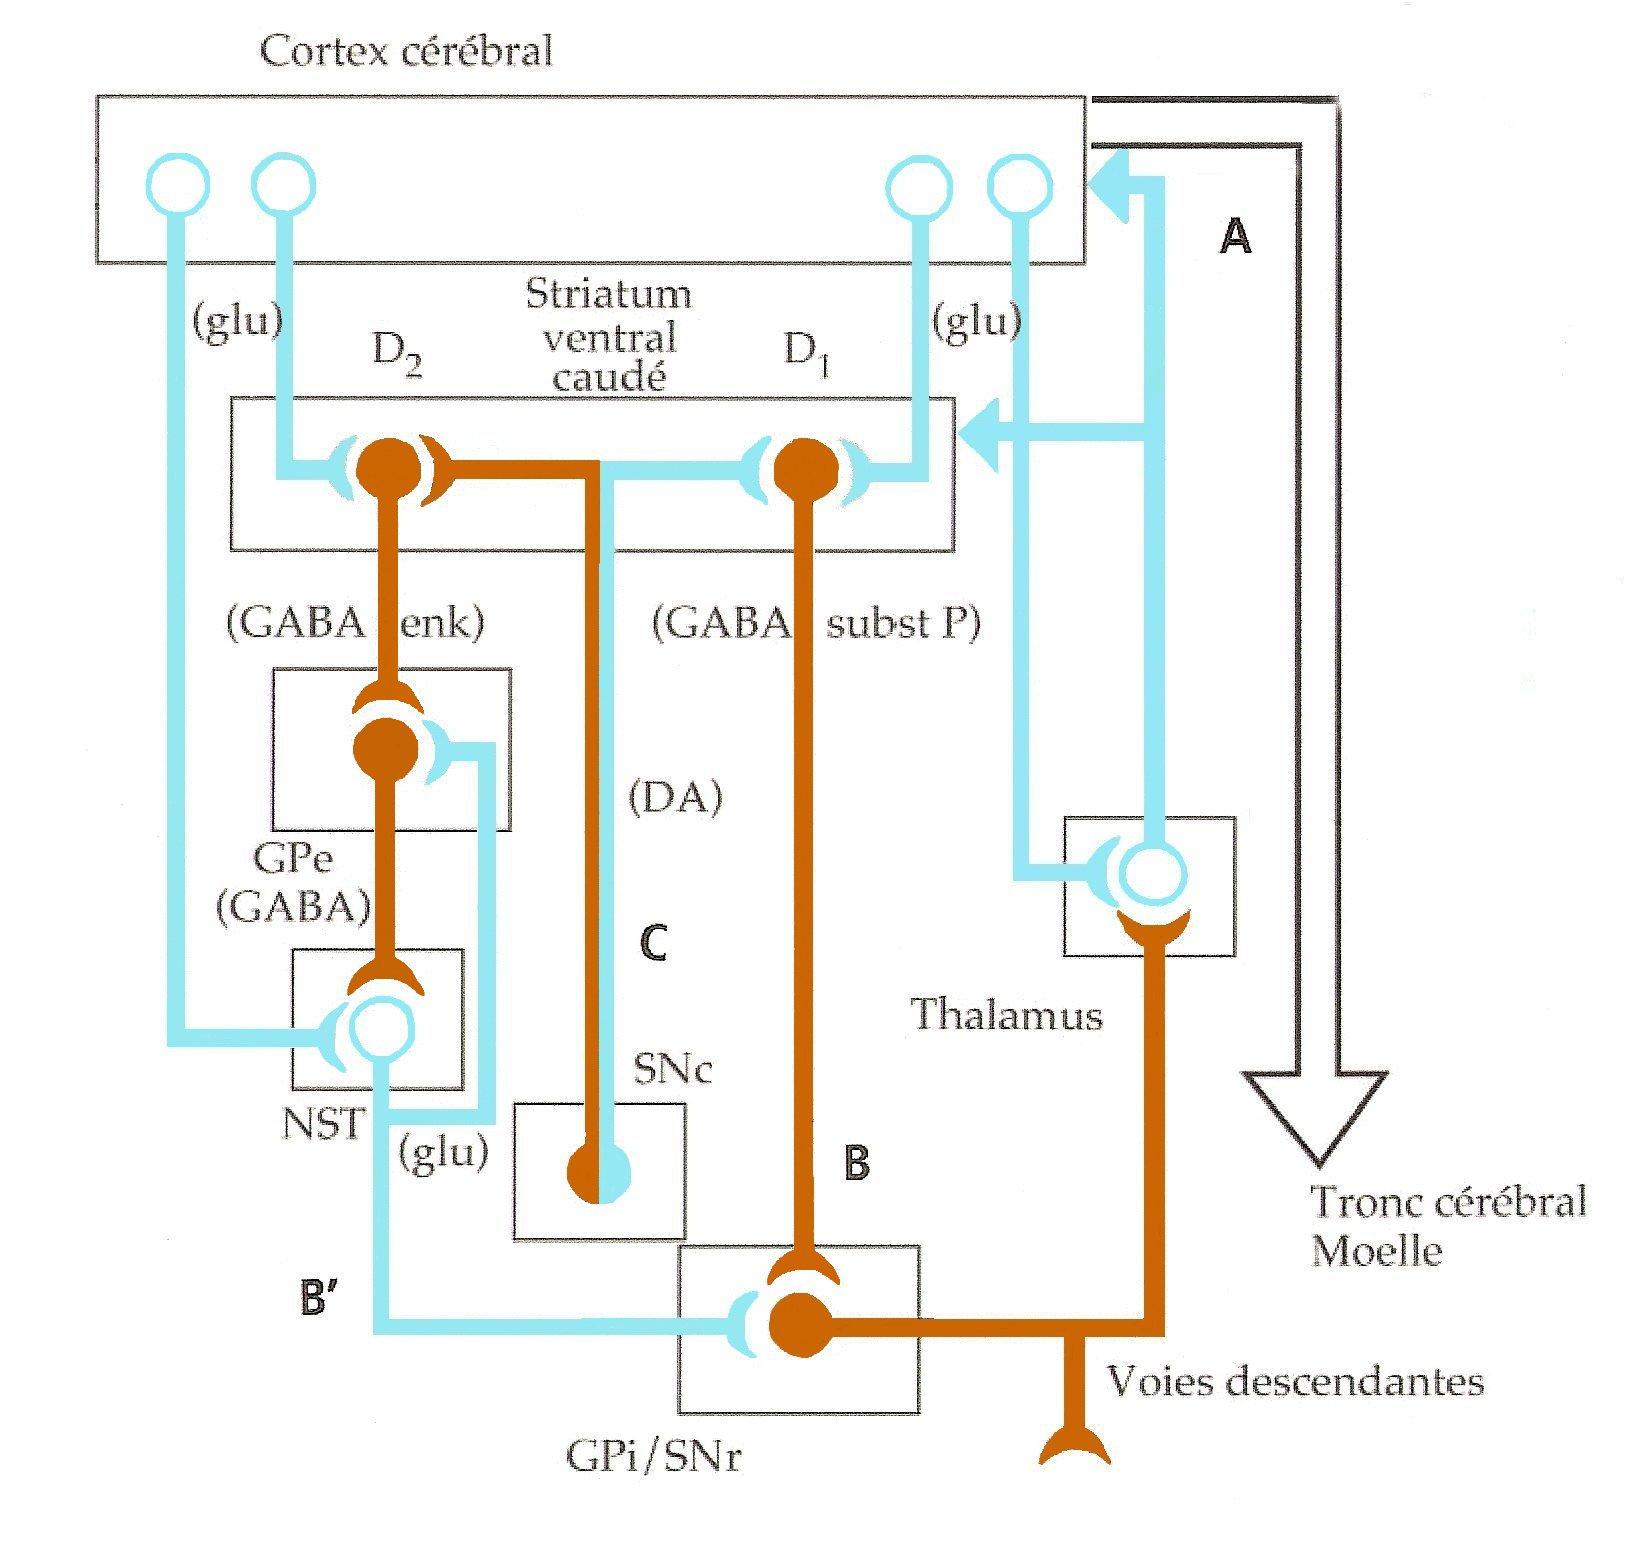 circuit motricité ganglions de la base